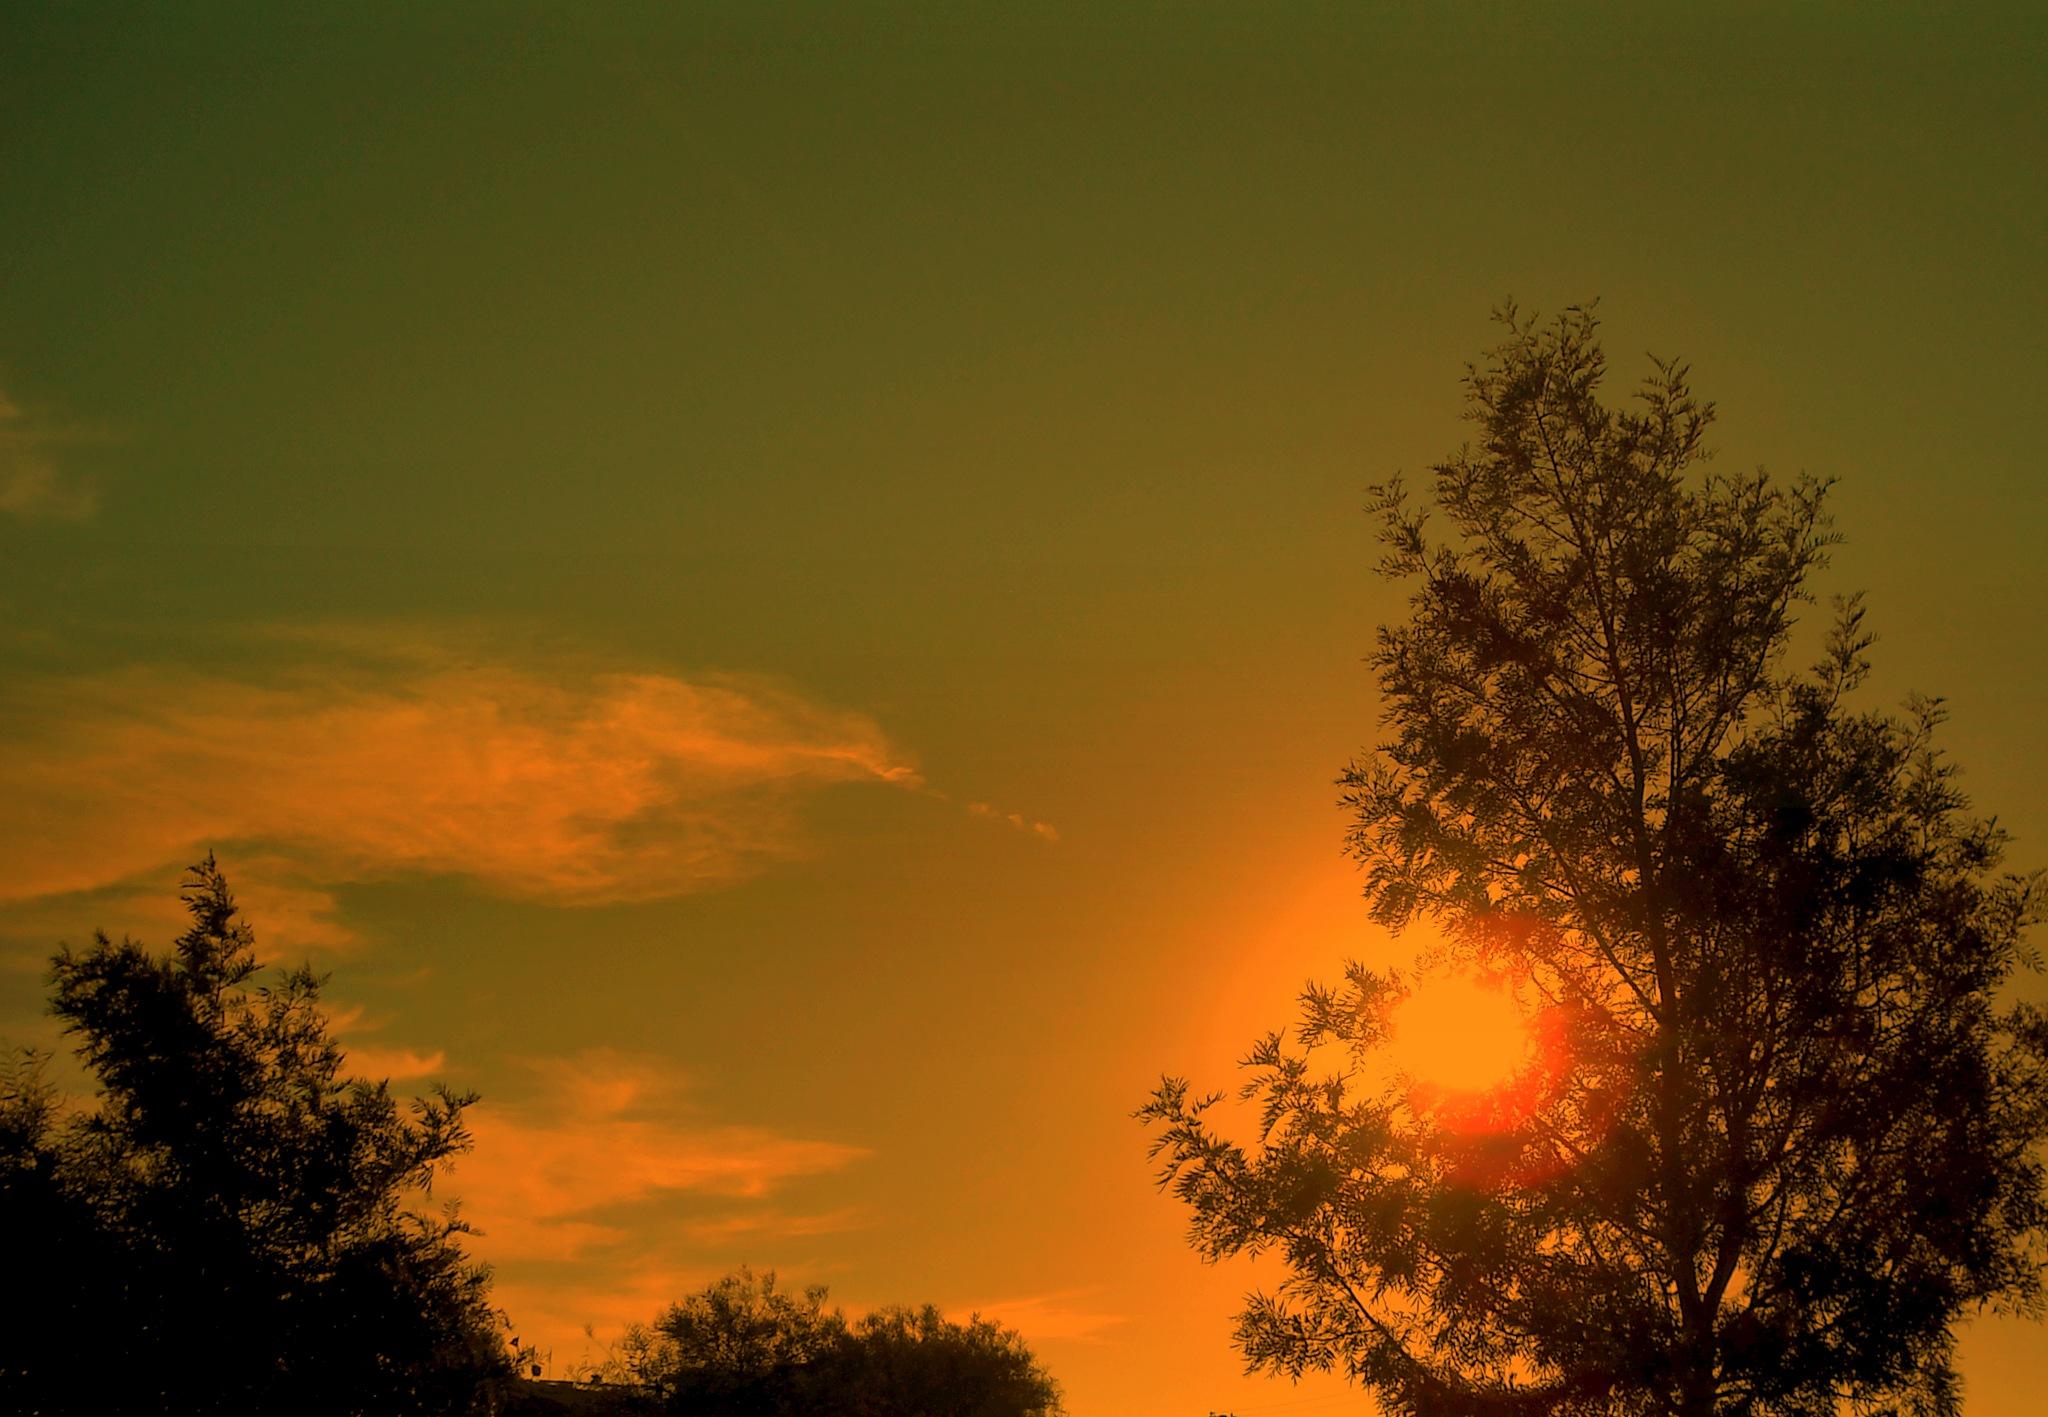 SUNSET FROM MY GARDEN by Akin Saner